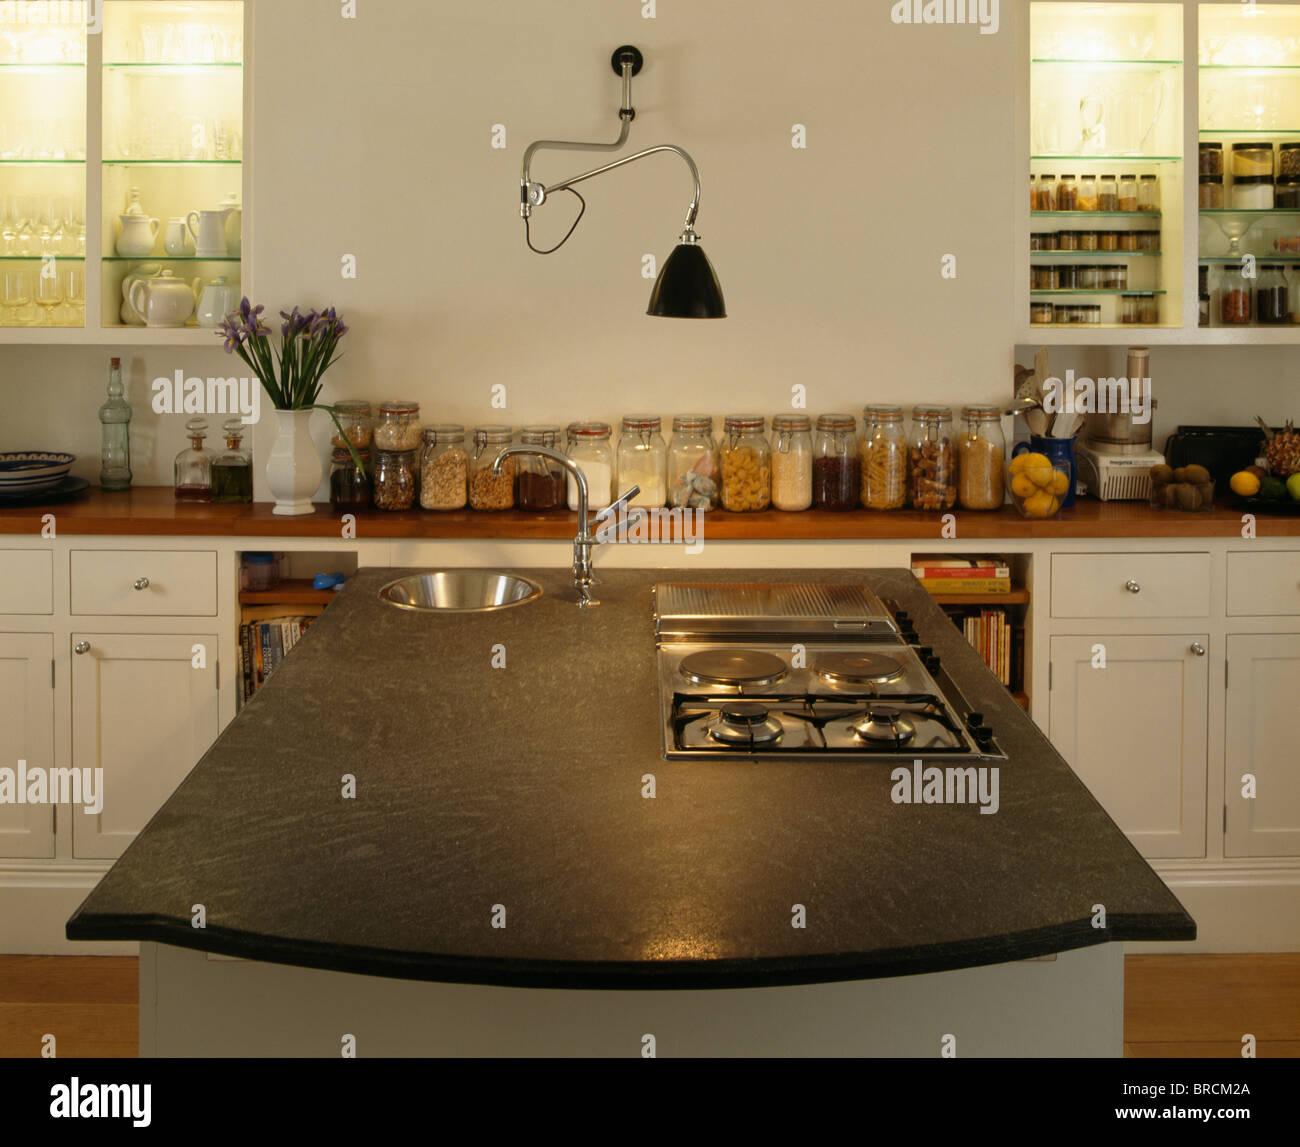 Ausschnitt Kochfeld In Insel Einheit Mit Schwarzem Corian Arbeitsplatte In  Modernen Weißen Küche Mit Wand Lampe über Vorratsdosen Auf Arbeitsplatte